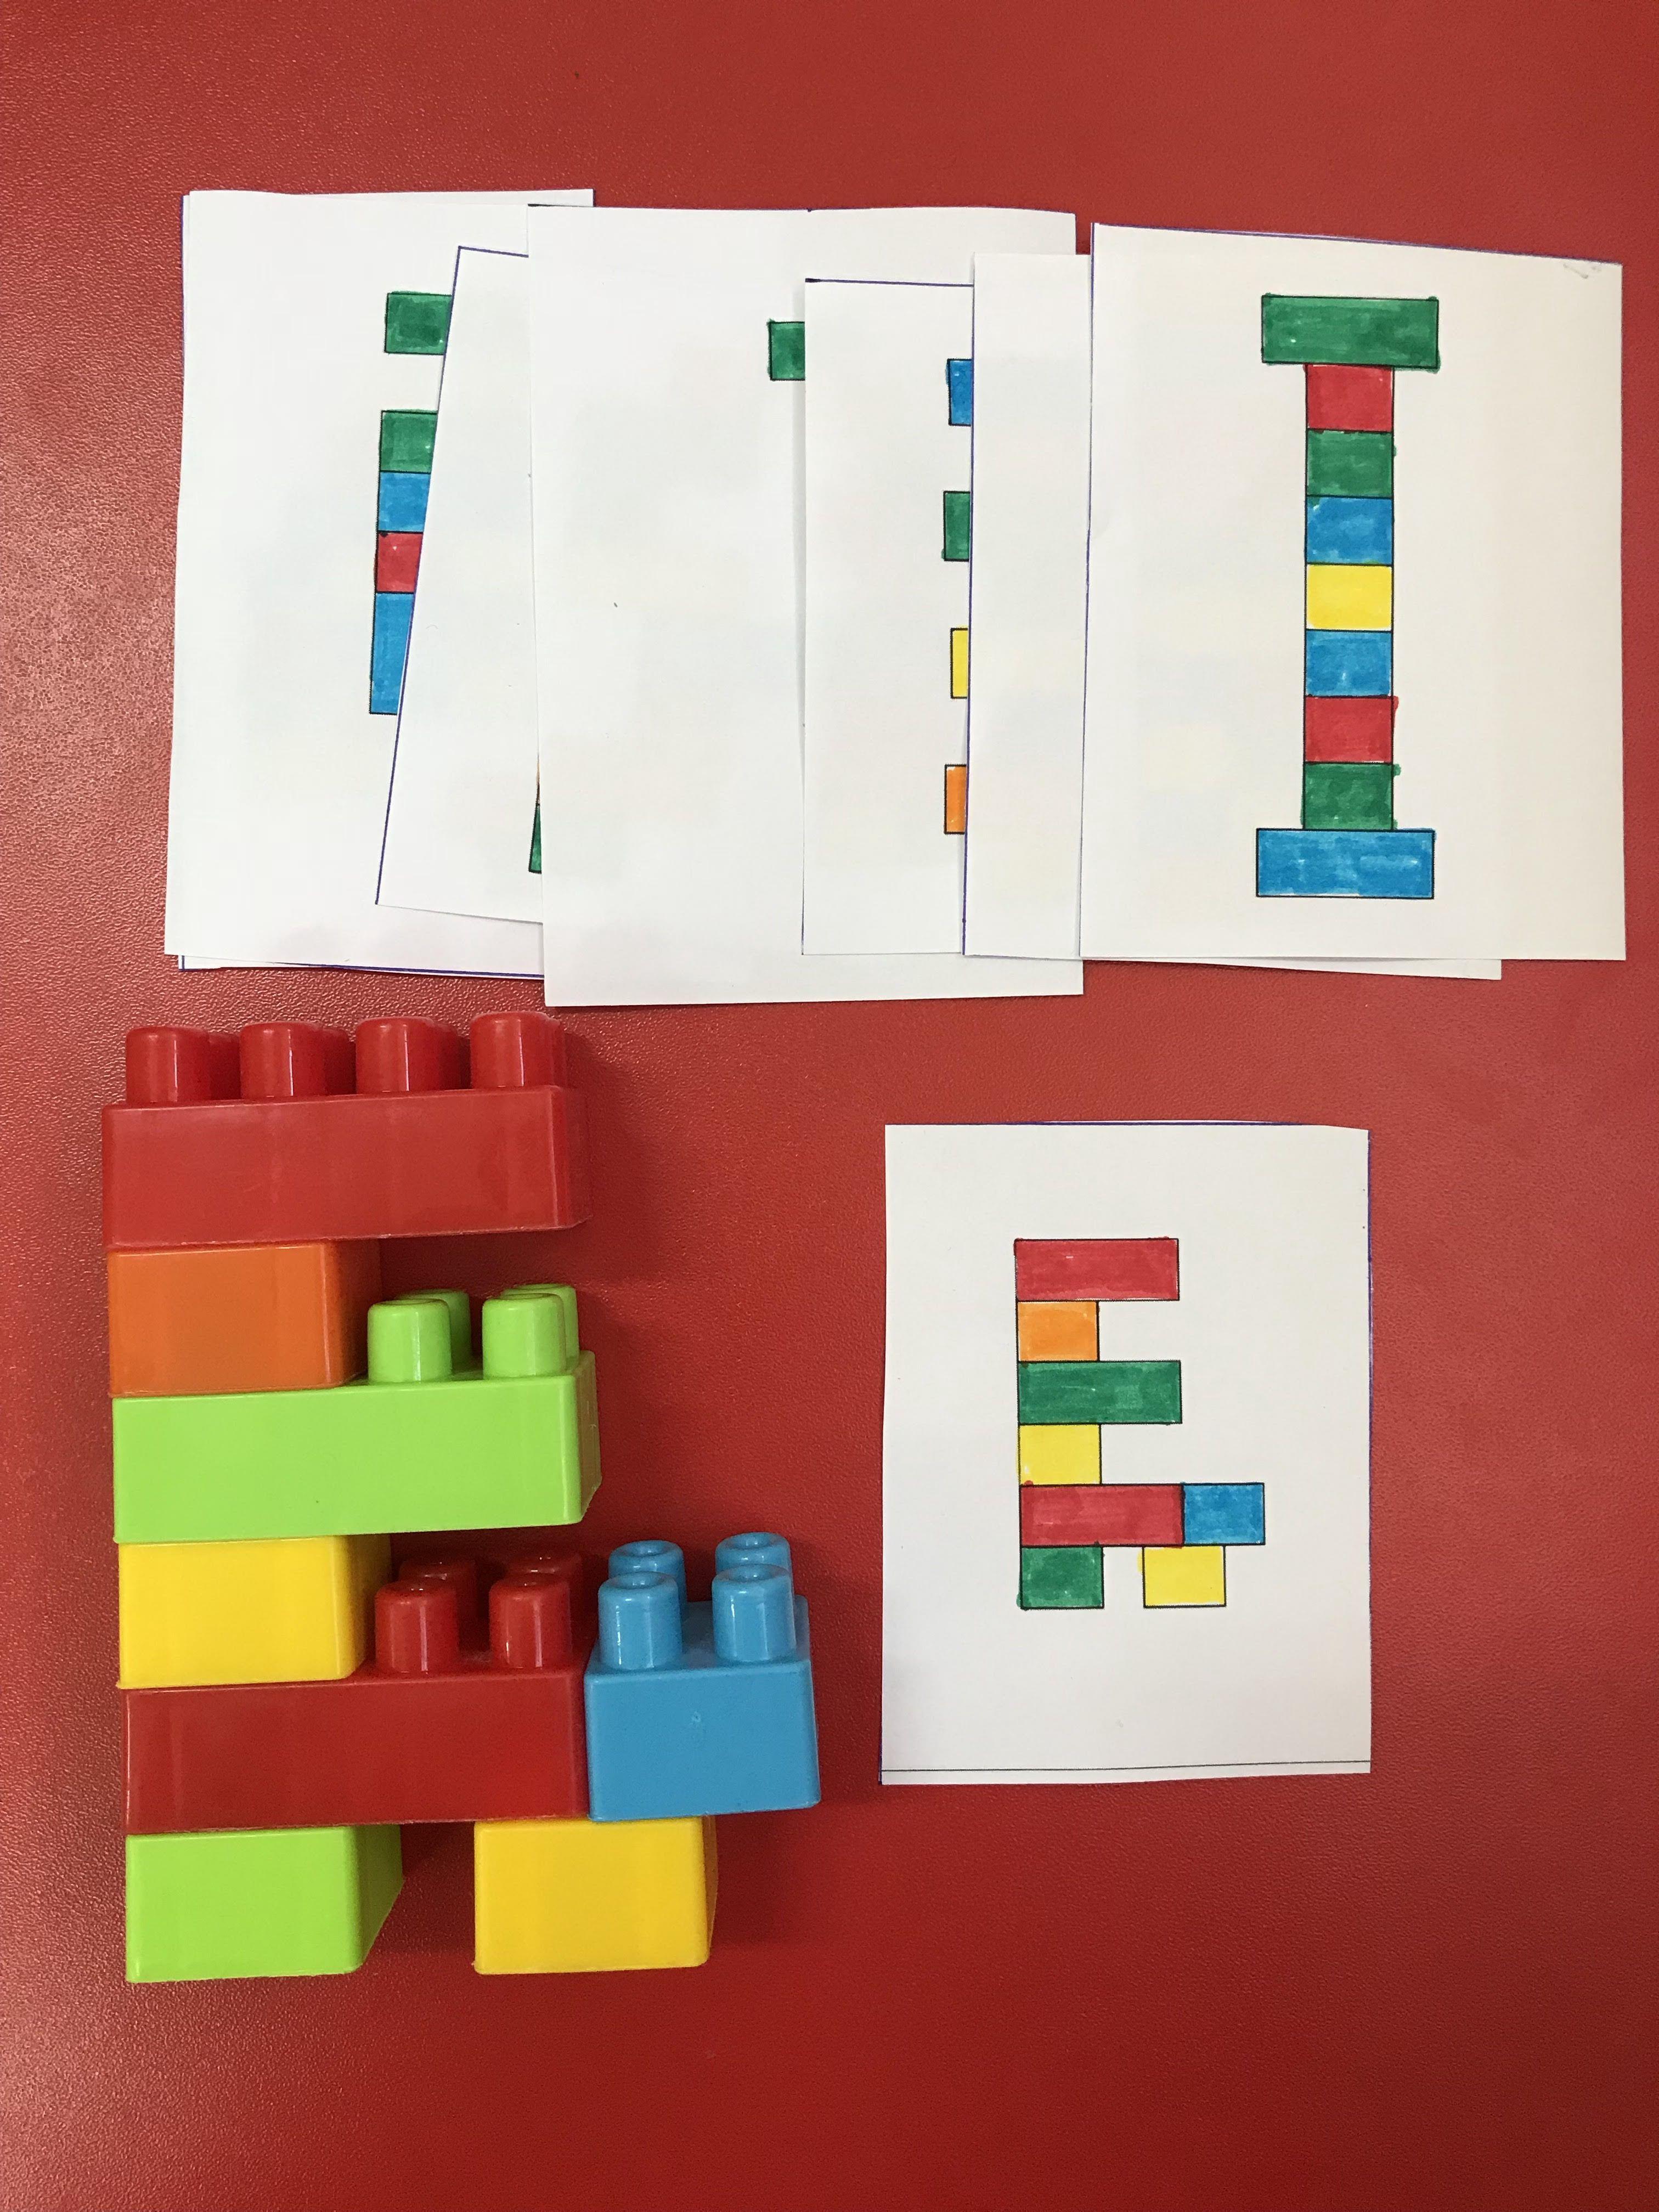 Okul Oncesi Zeka Oyunlari Okul Oncesi Egitici Oyuncak Yapimi Okul Oncesi Dikkat Oyunu Yapimi Okul Oncesi Konsantrasyon O Legolar Bebek Egitim Etkinlikleri Okul